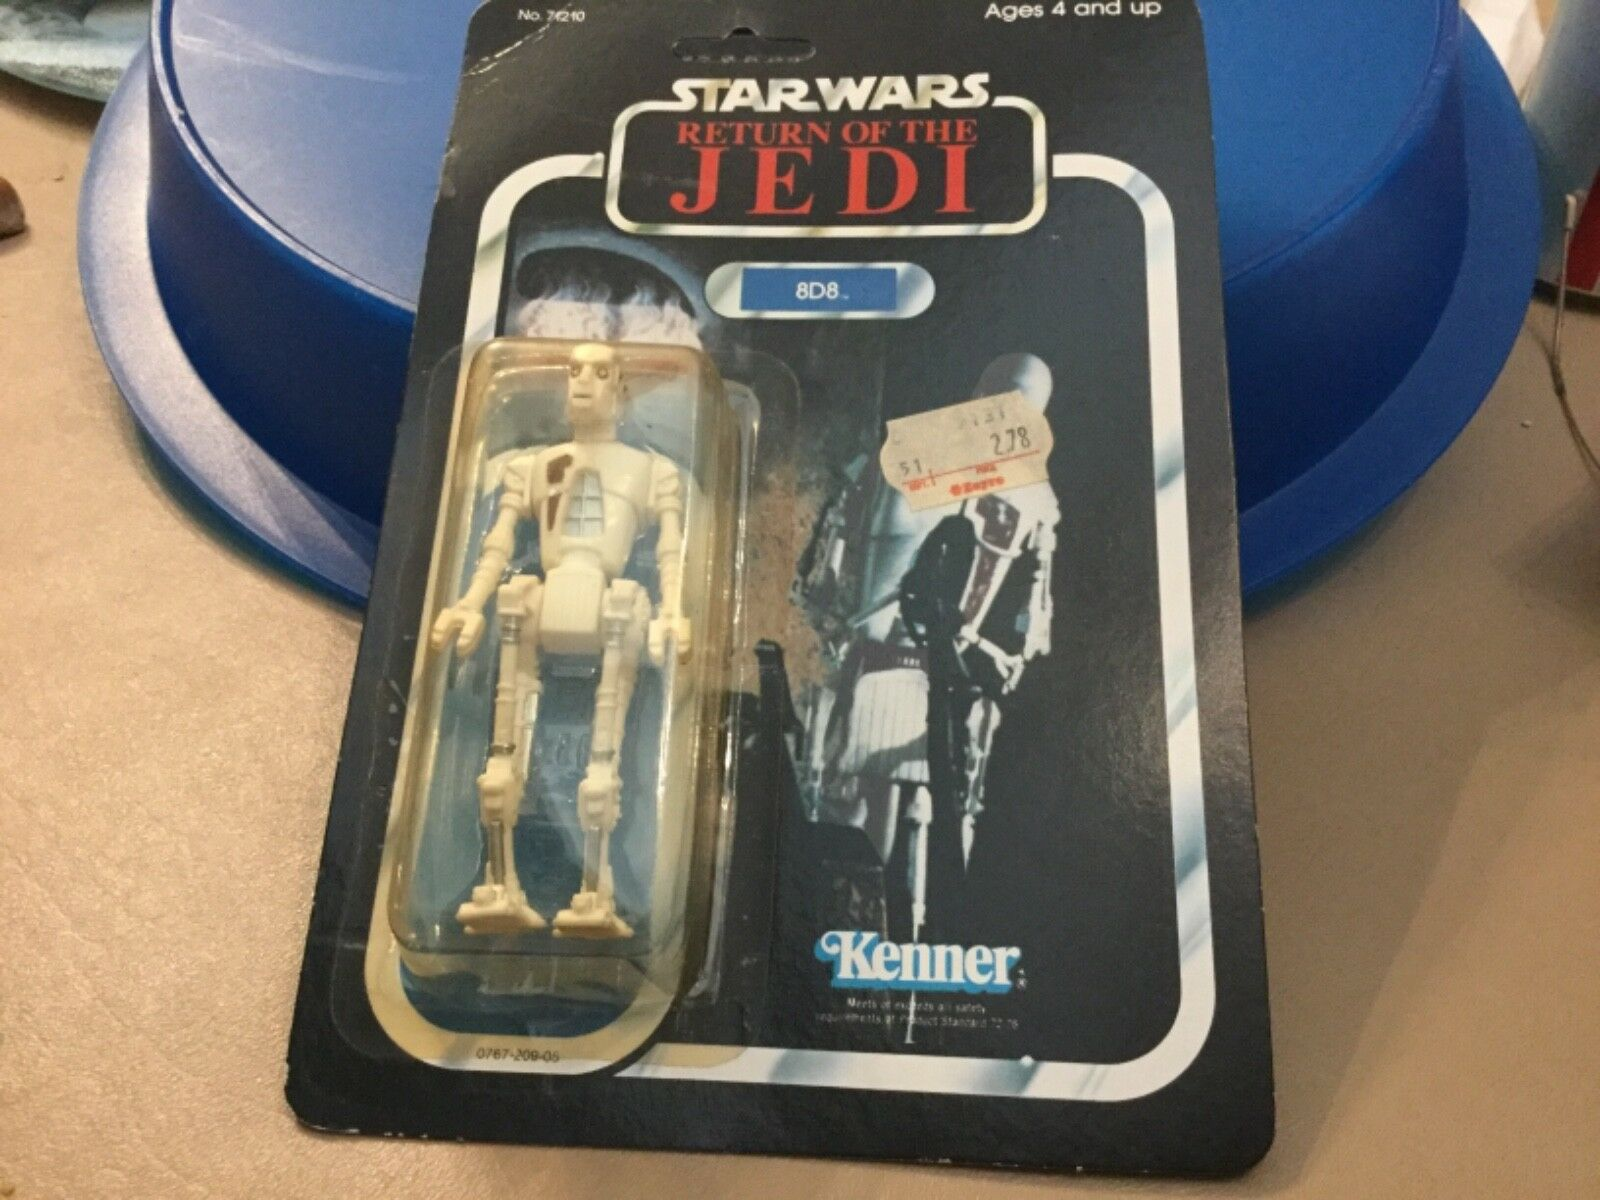 Star Wars Vintage 8D8 1983 Return of the Jedi Unpunched MIP Kenner Hong Kong